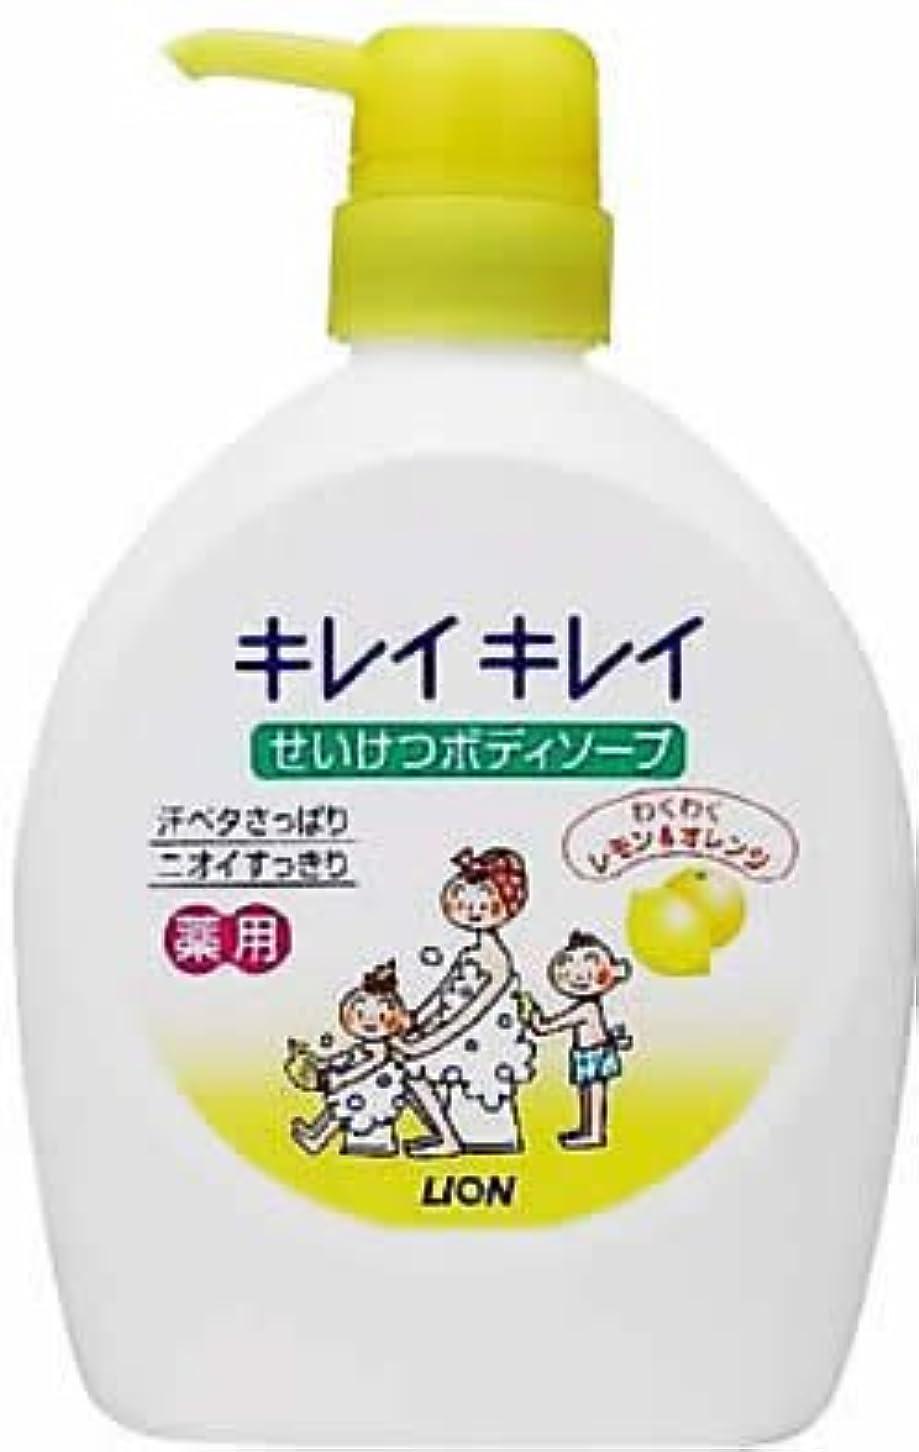 名誉あるネコ喉頭キレイキレイ せいけつボディソープ わくわくレモン&オレンジの香り 本体ポンプ 580ml